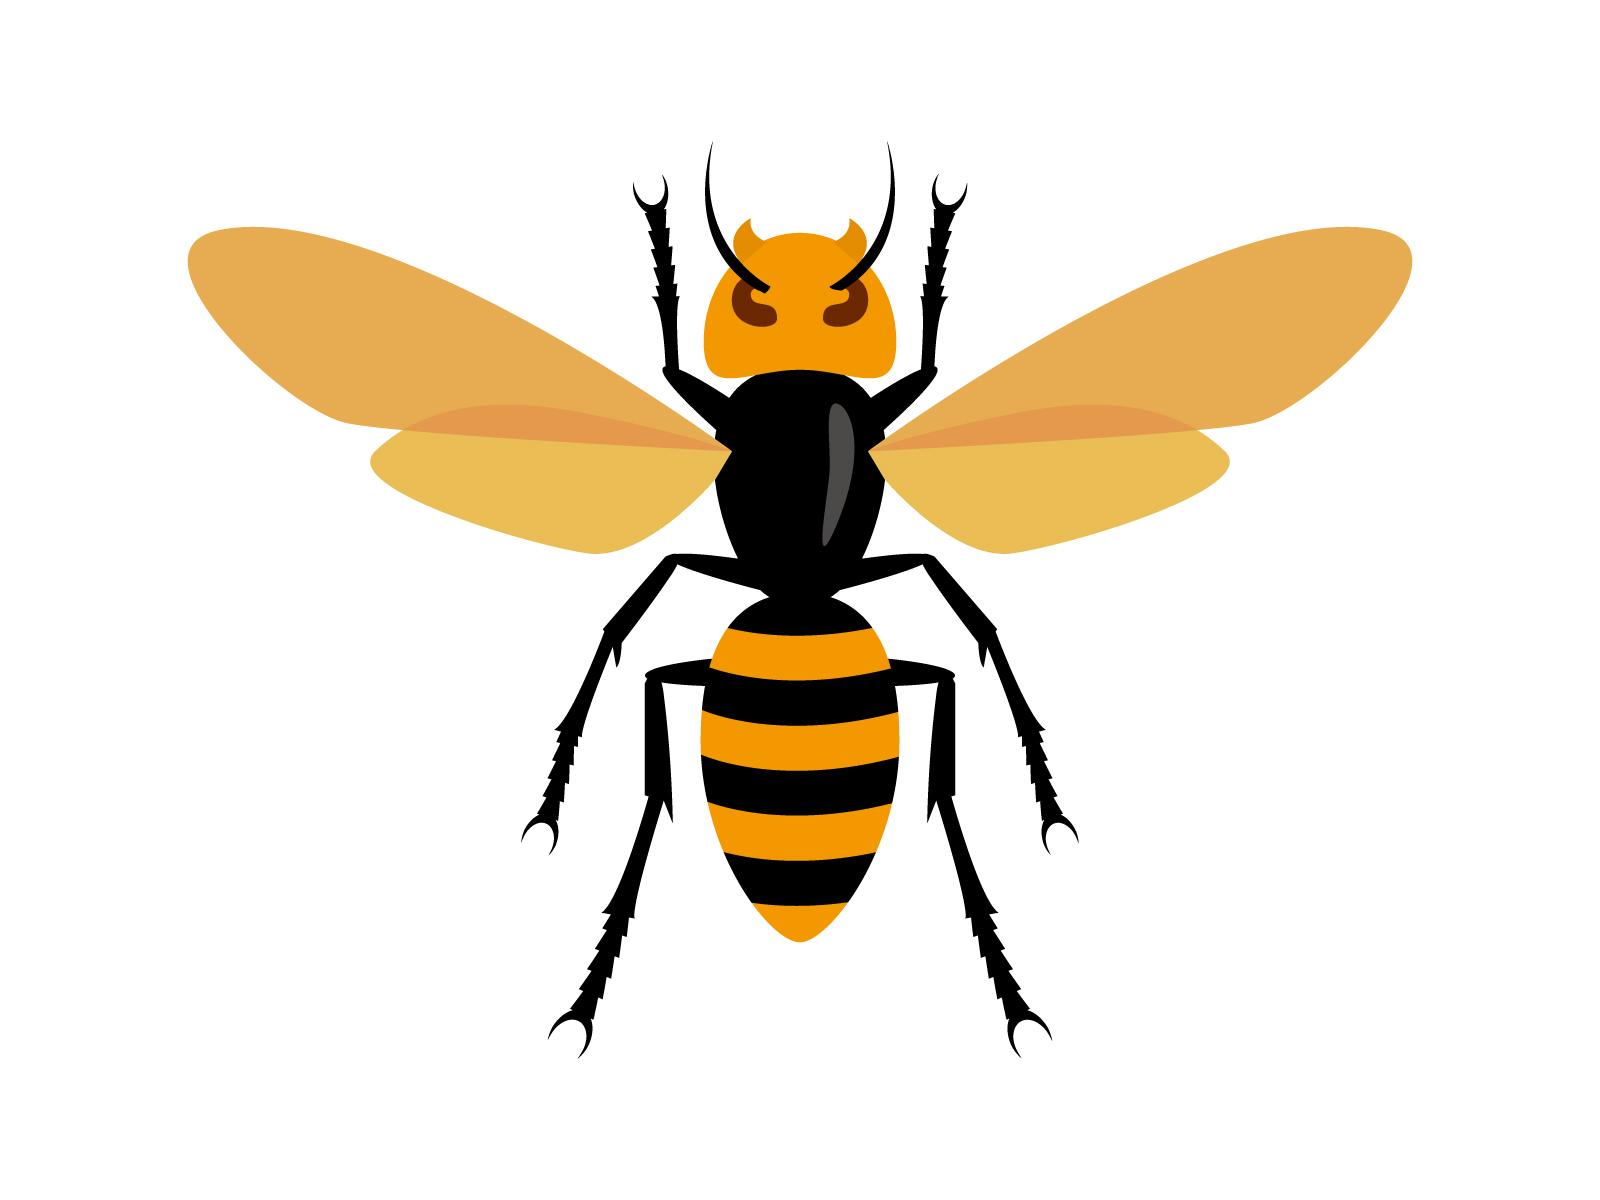 蜂に襲われて死亡したニュース